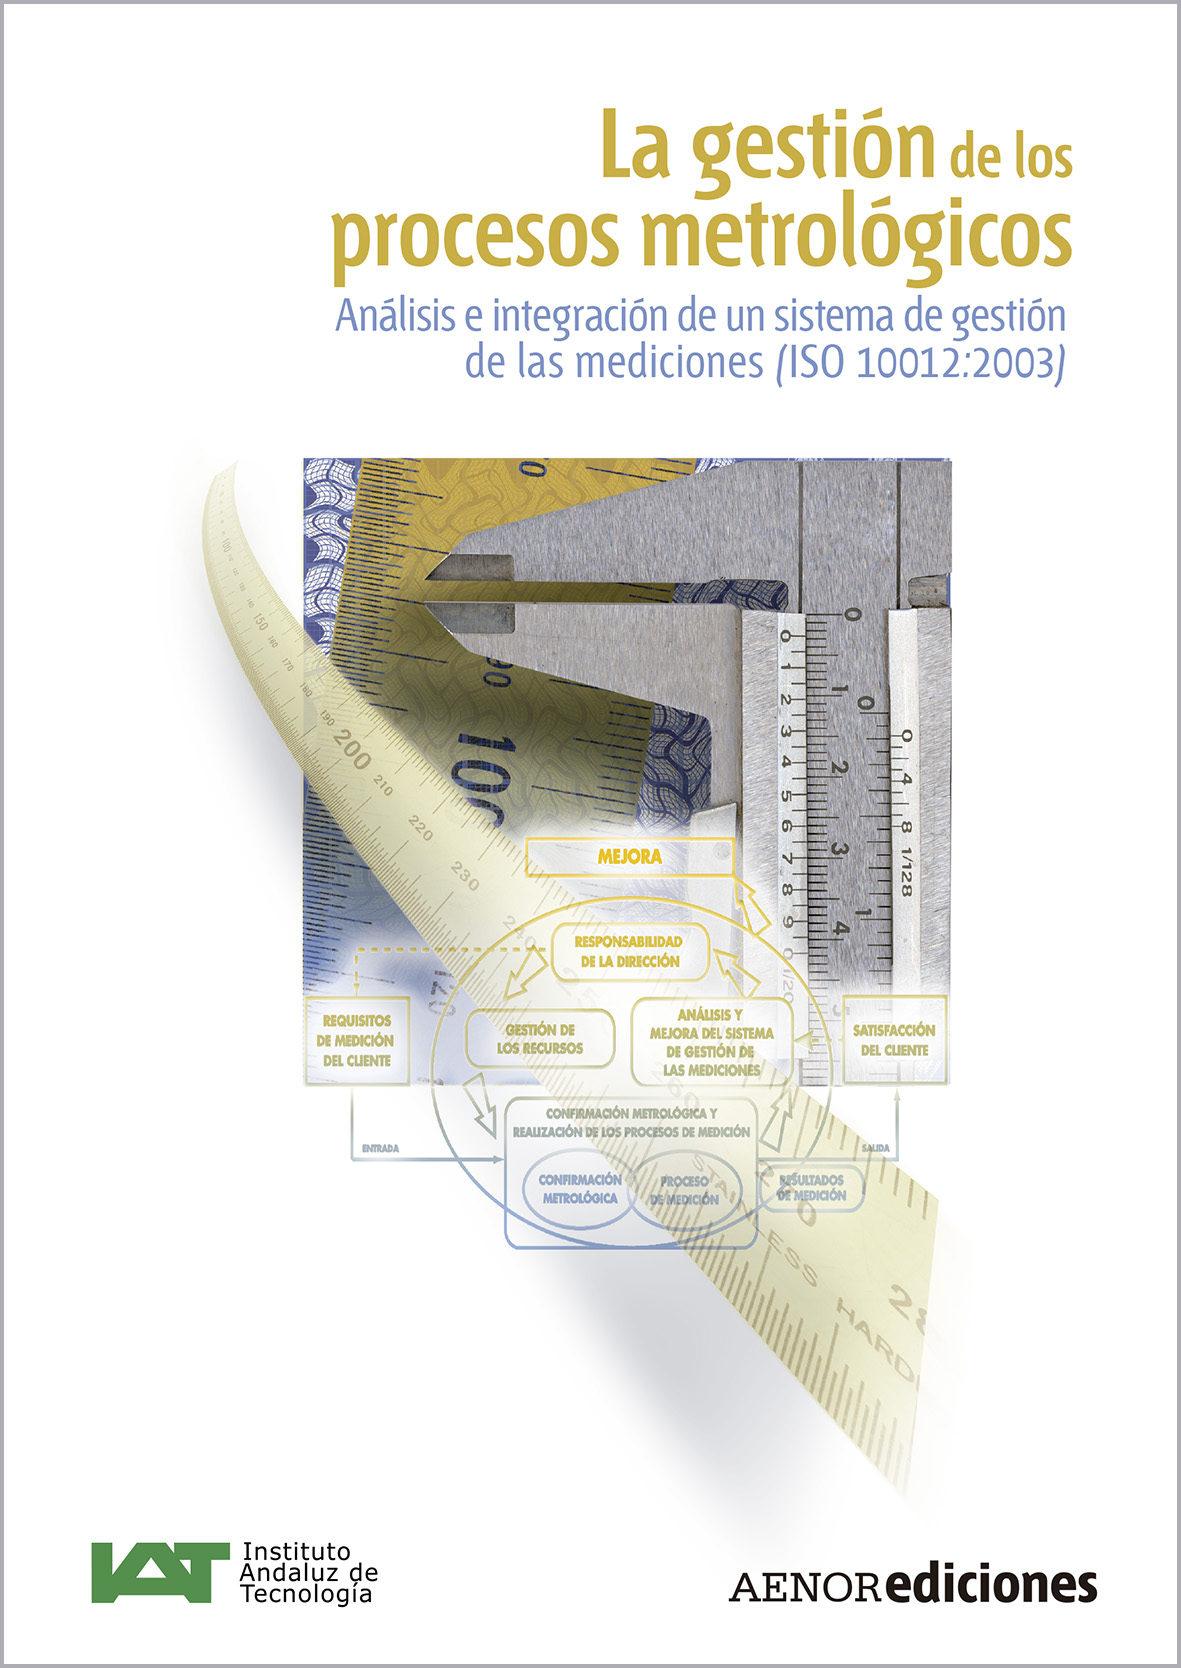 La Gestion De Los Procesos Metrologicos: Analisis E Integracion D E Un Sistema De Gestion De Las Mediciones (iso: 10012:2003) por Vv.aa.